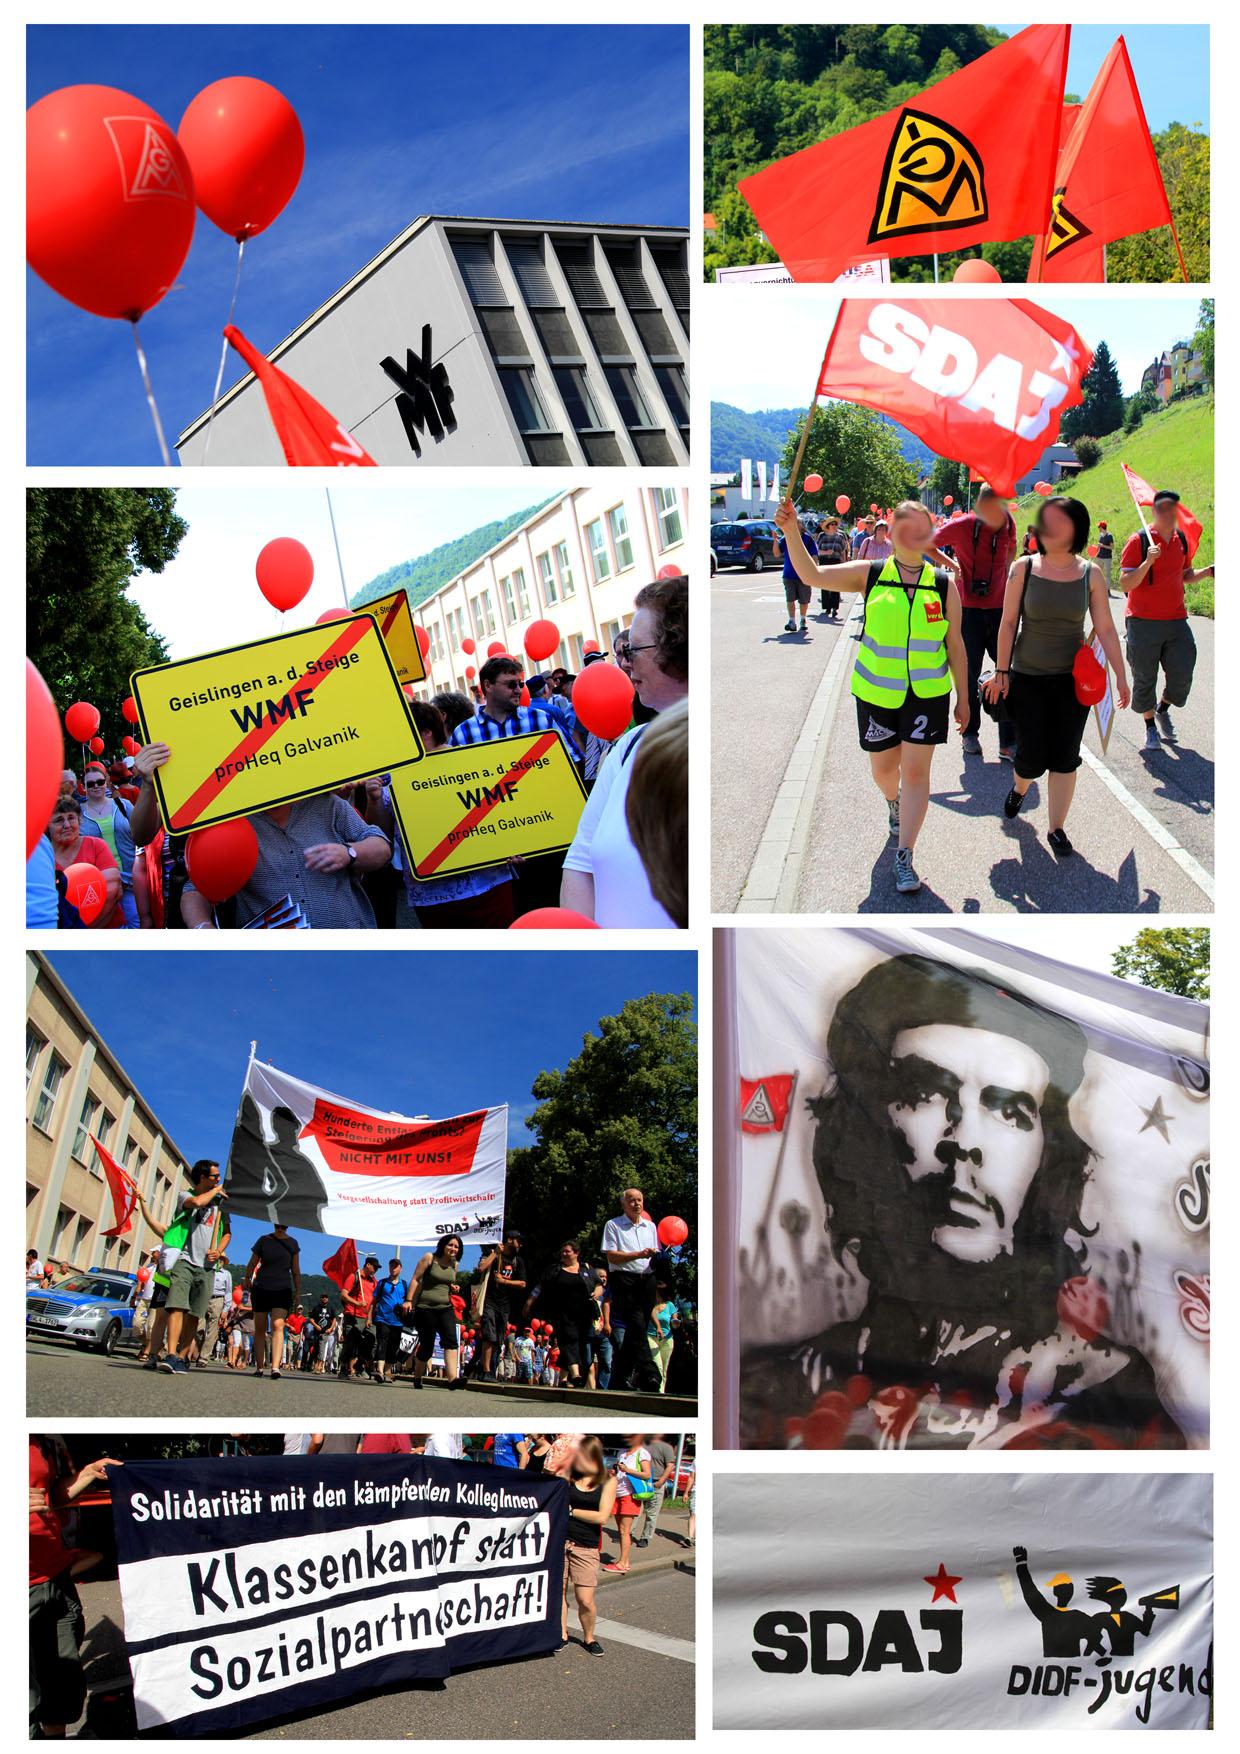 Tübingen: Solidarität mit der kämpfenden Belegschaft bei WMF!